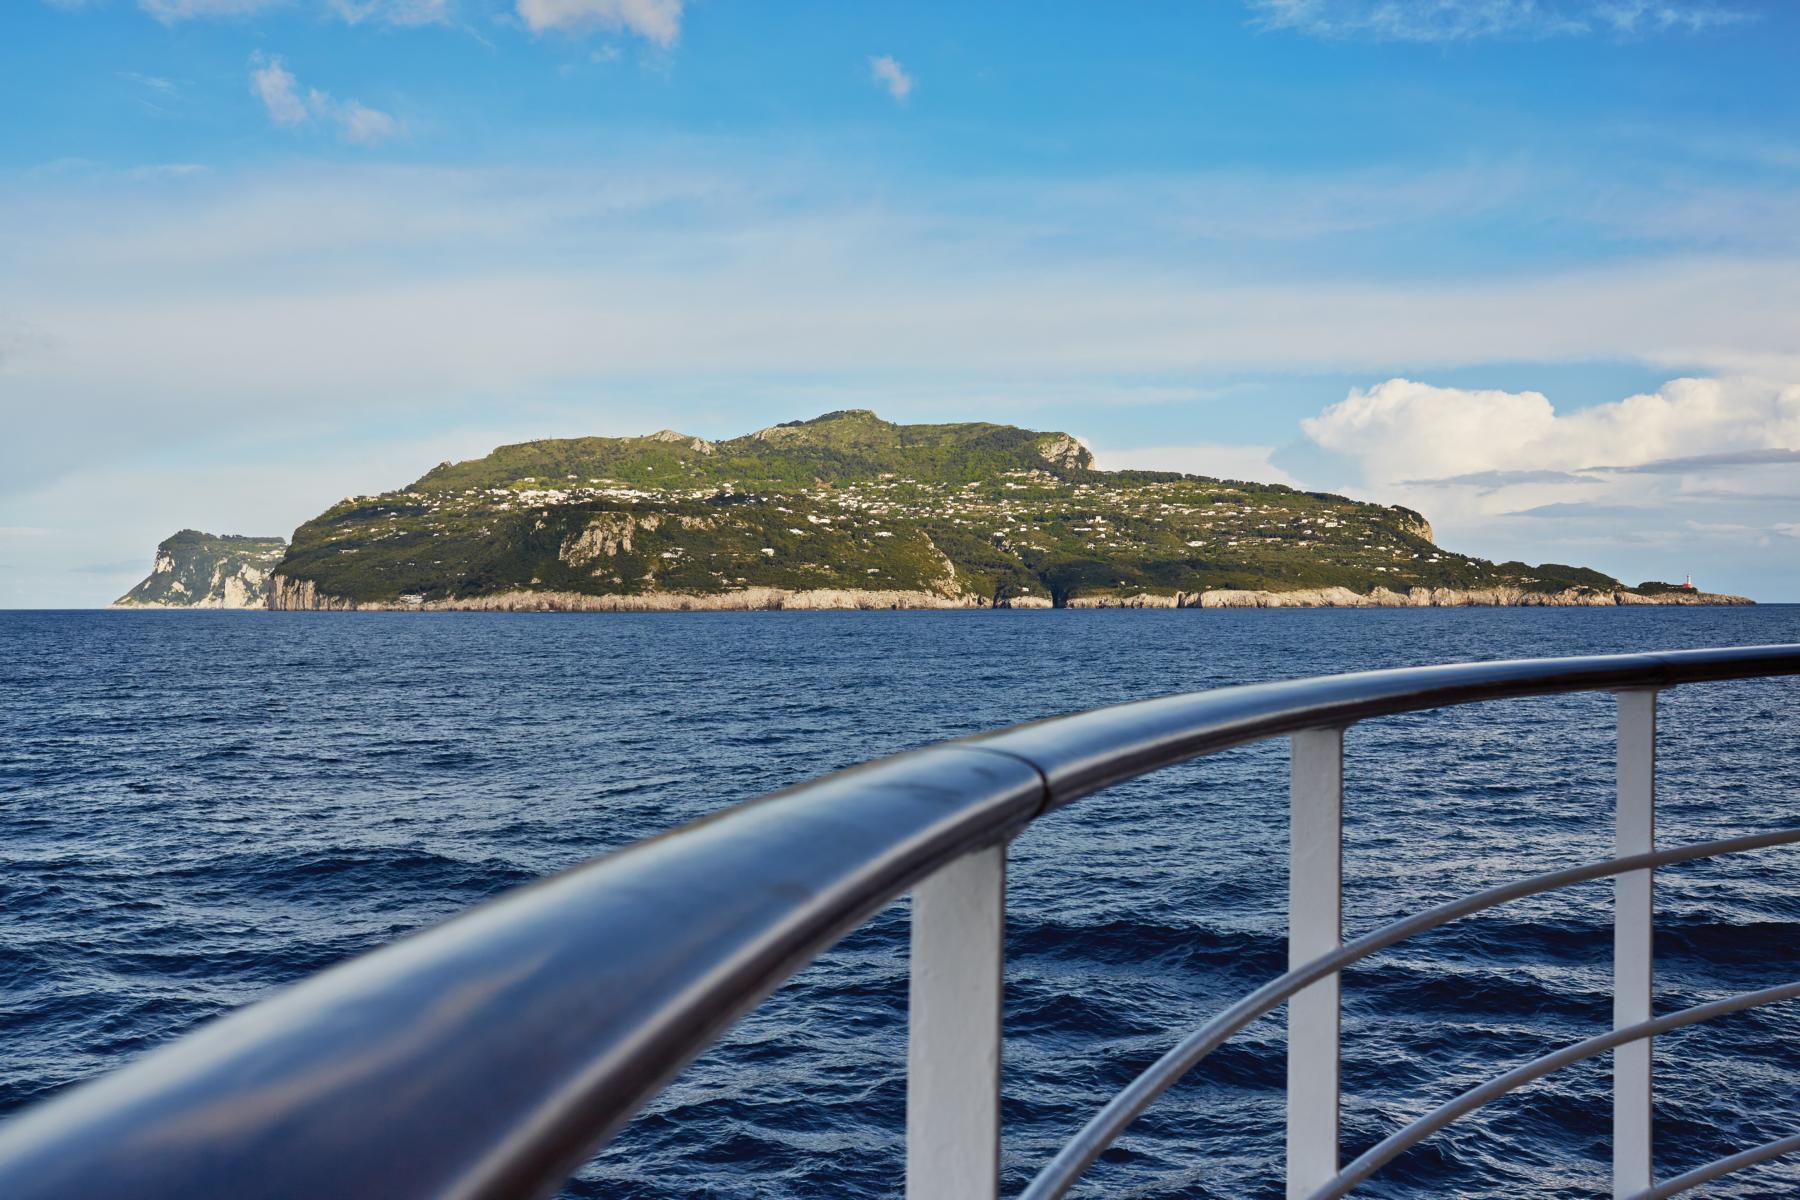 Reling der Regent Seven Seas Navigator mit Capri im Hintergrund